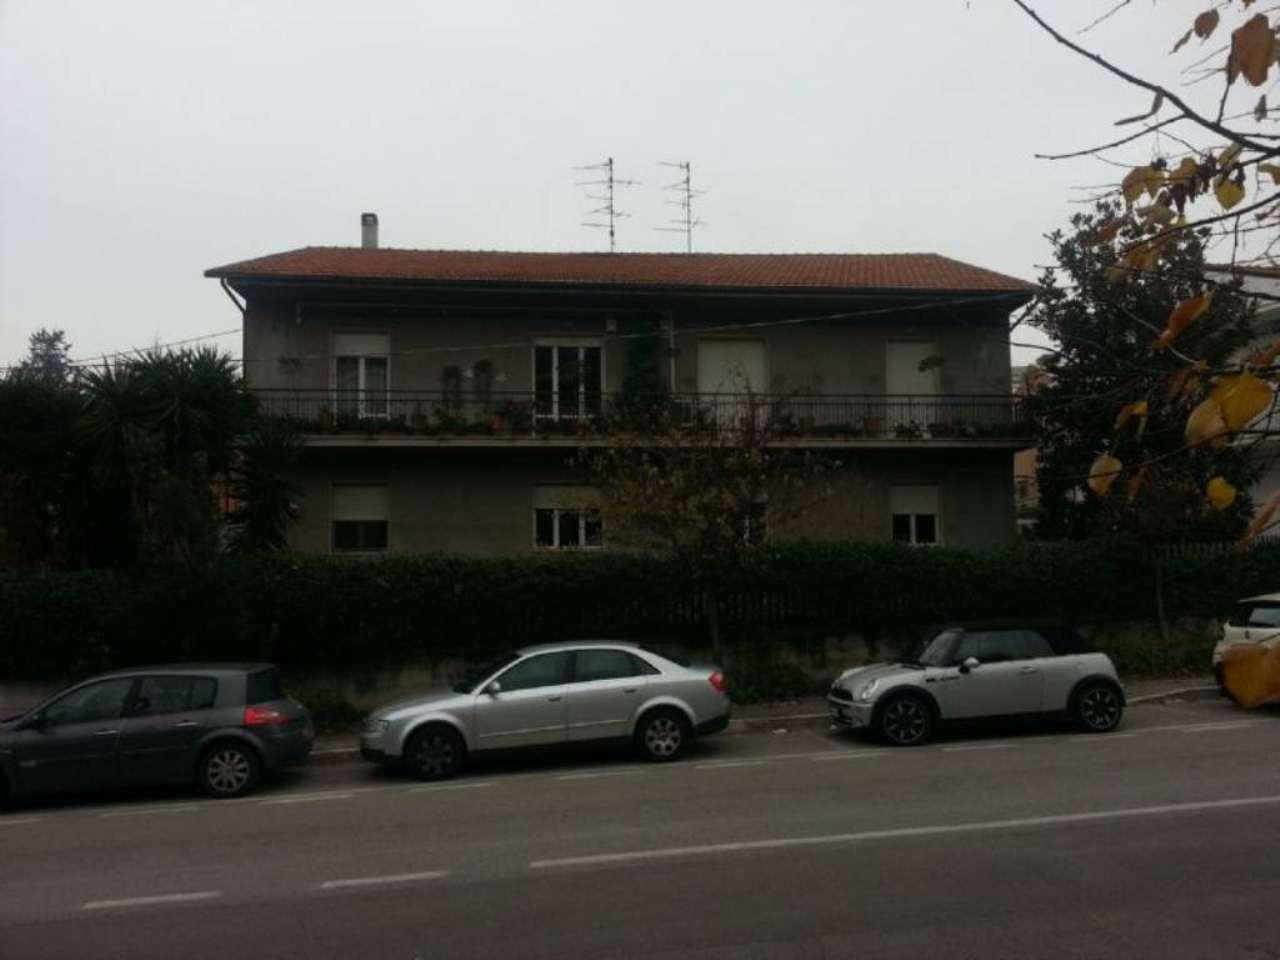 Ufficio / Studio in affitto a Pescara, 4 locali, prezzo € 550   CambioCasa.it